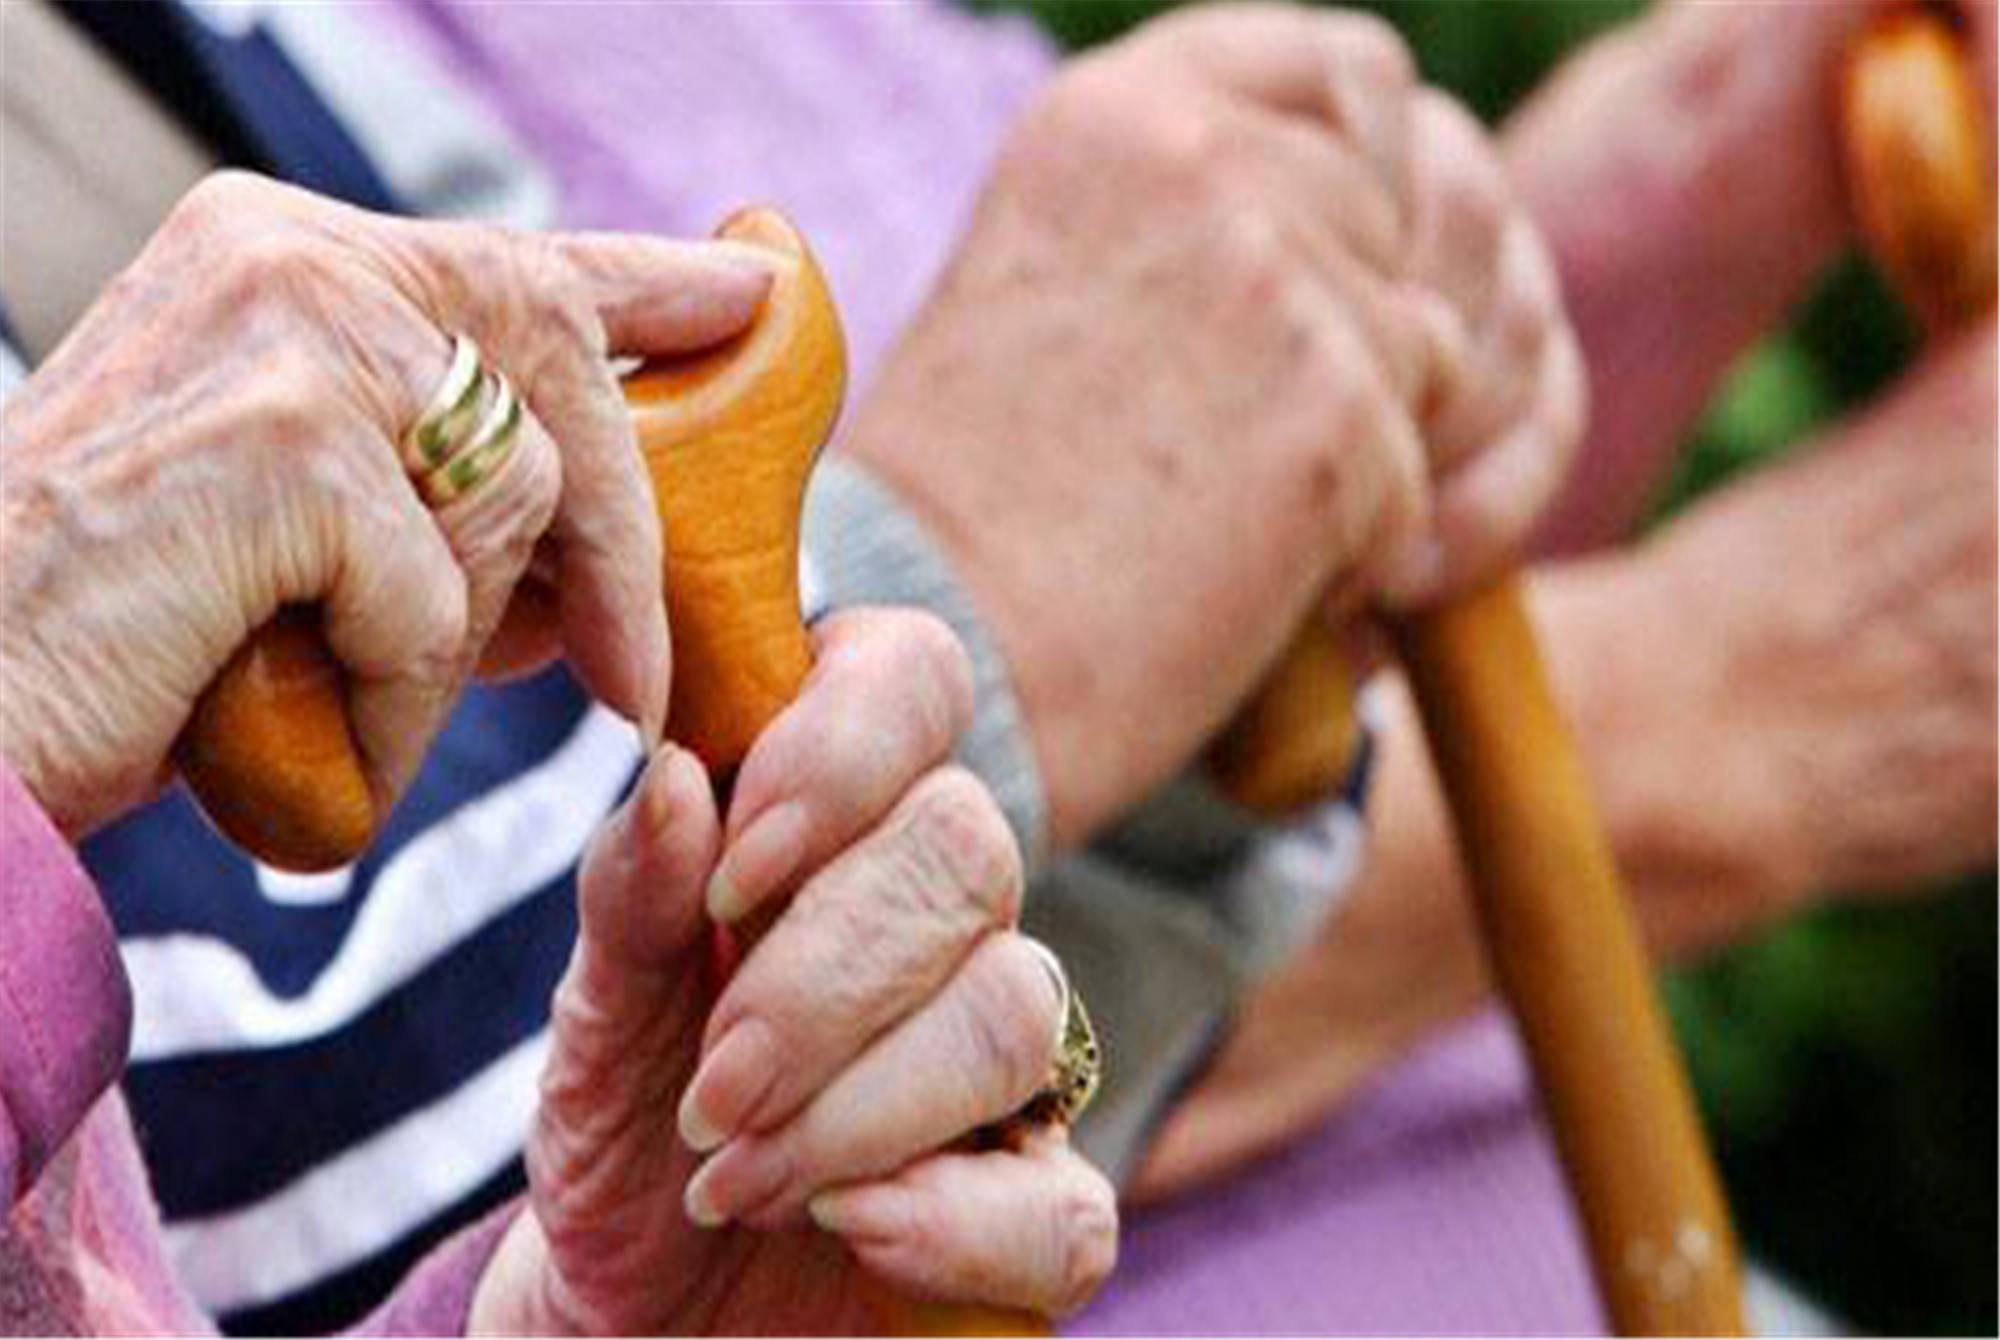 子女越多老人越没人养 自私的父母不值得孝顺